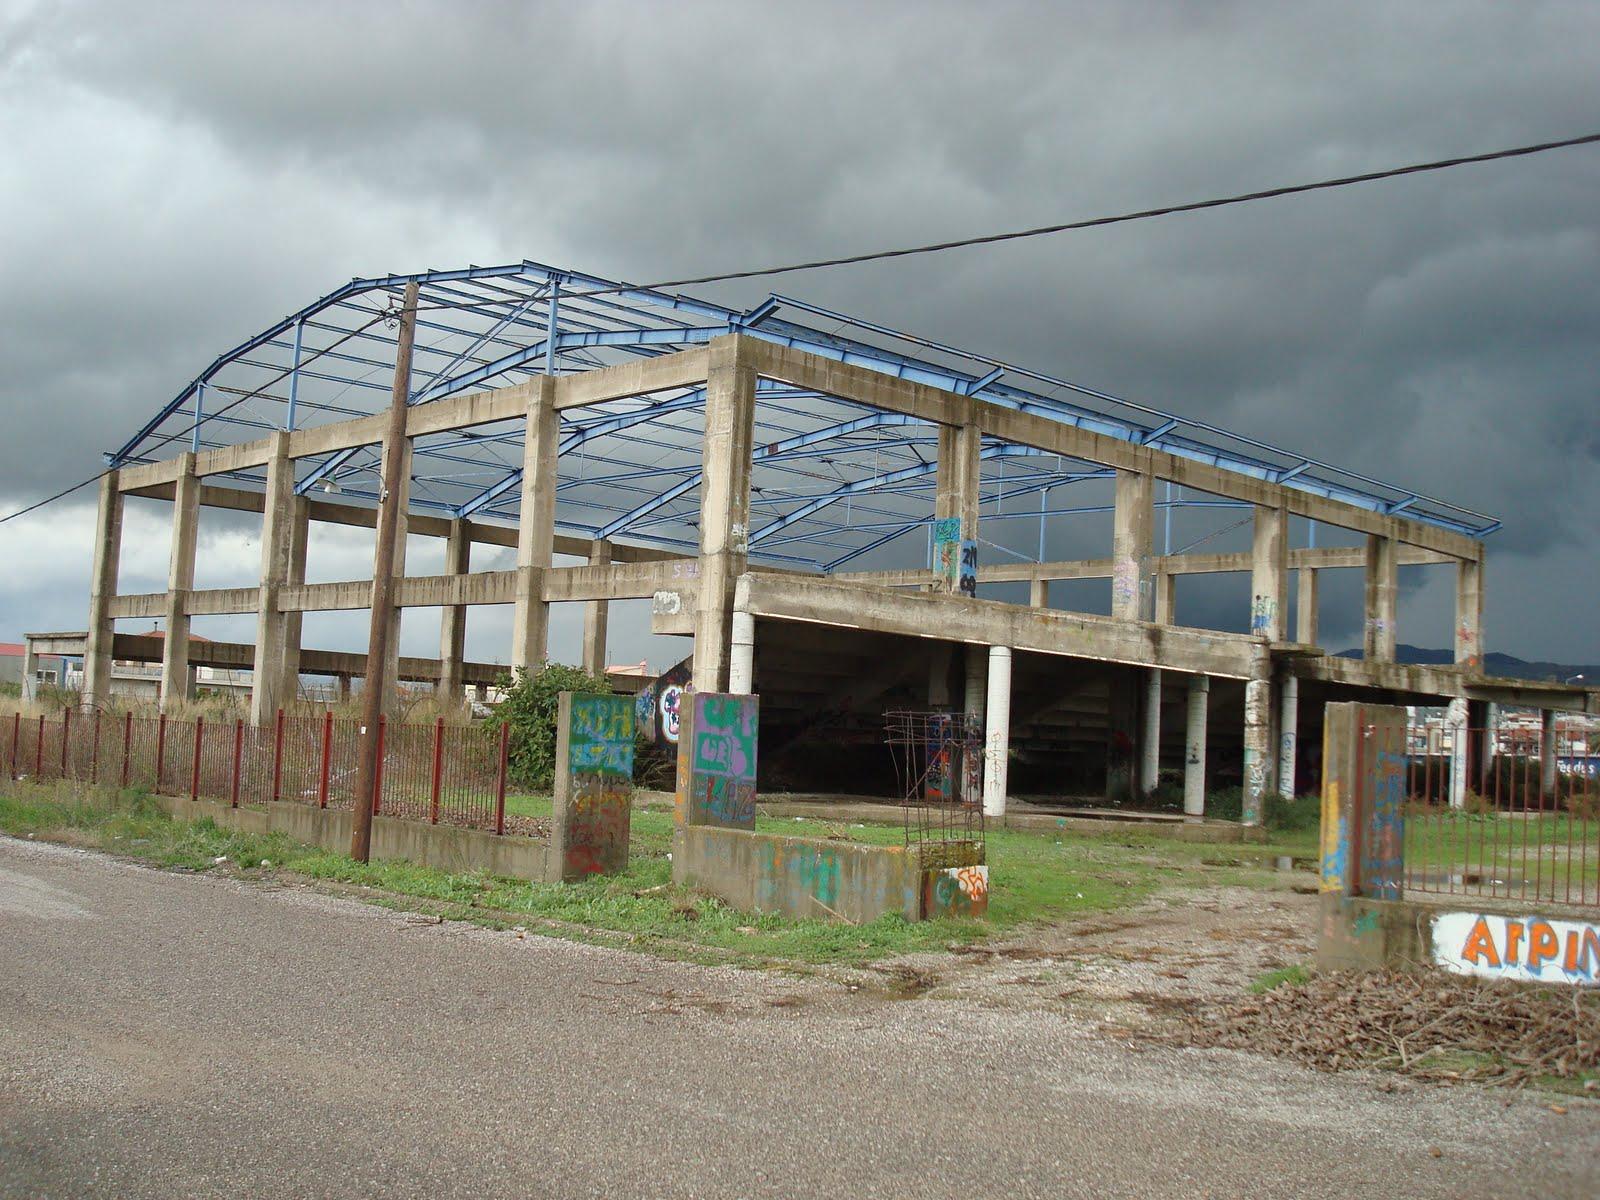 Δημοπρατείται επιτέλους το Κλέιστό Γυμναστήριο στην Αερογέφυρα